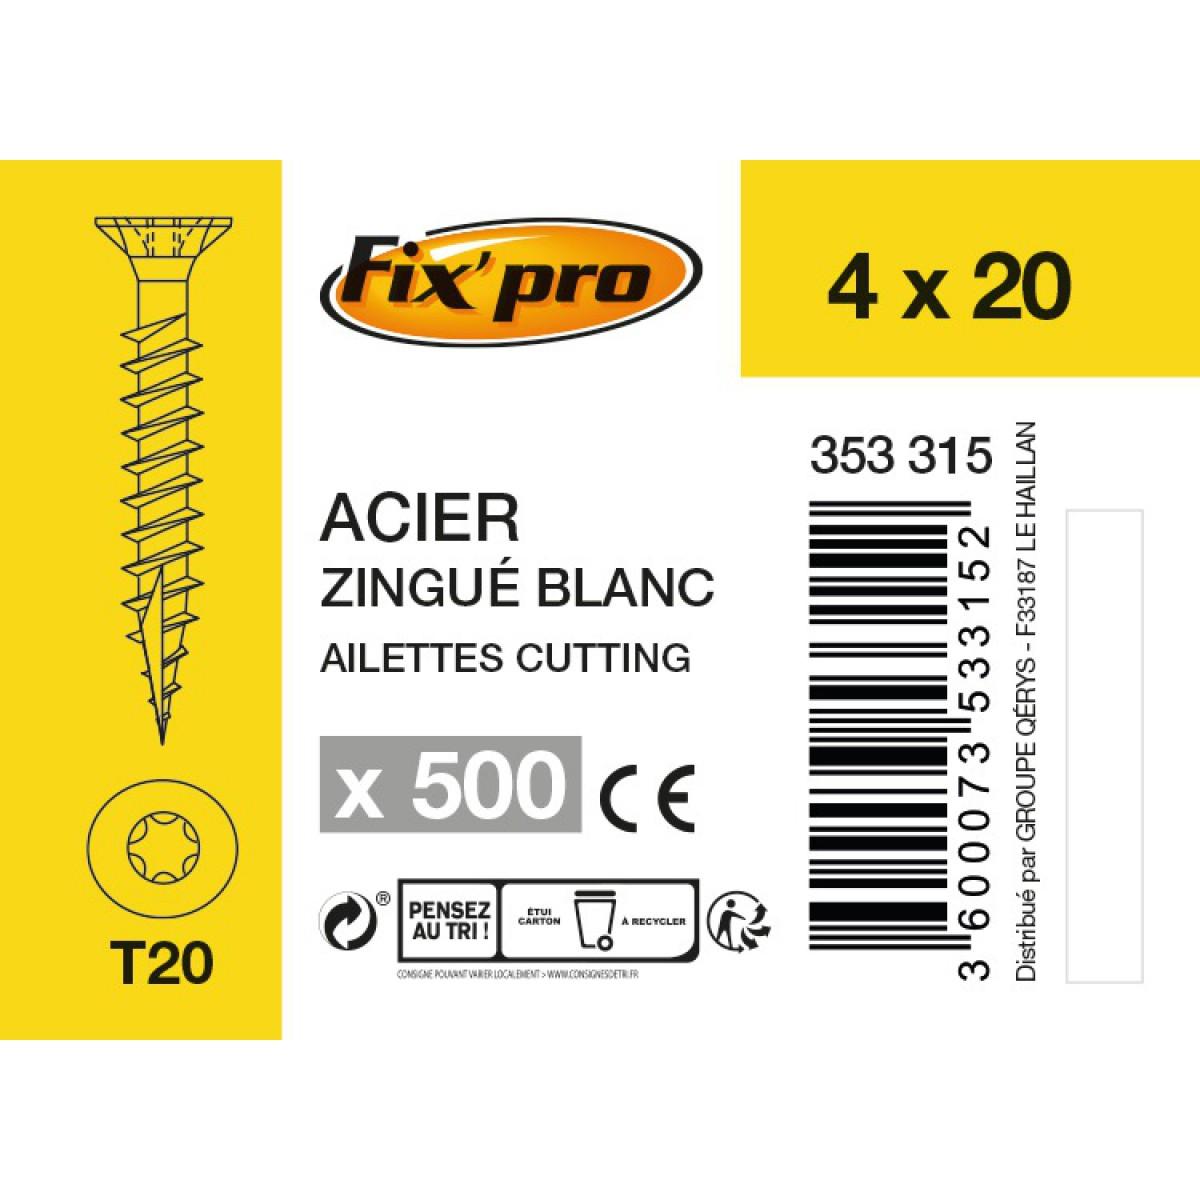 Vis à bois tête fraisée TX - 4x20 - 500pces - Fixpro